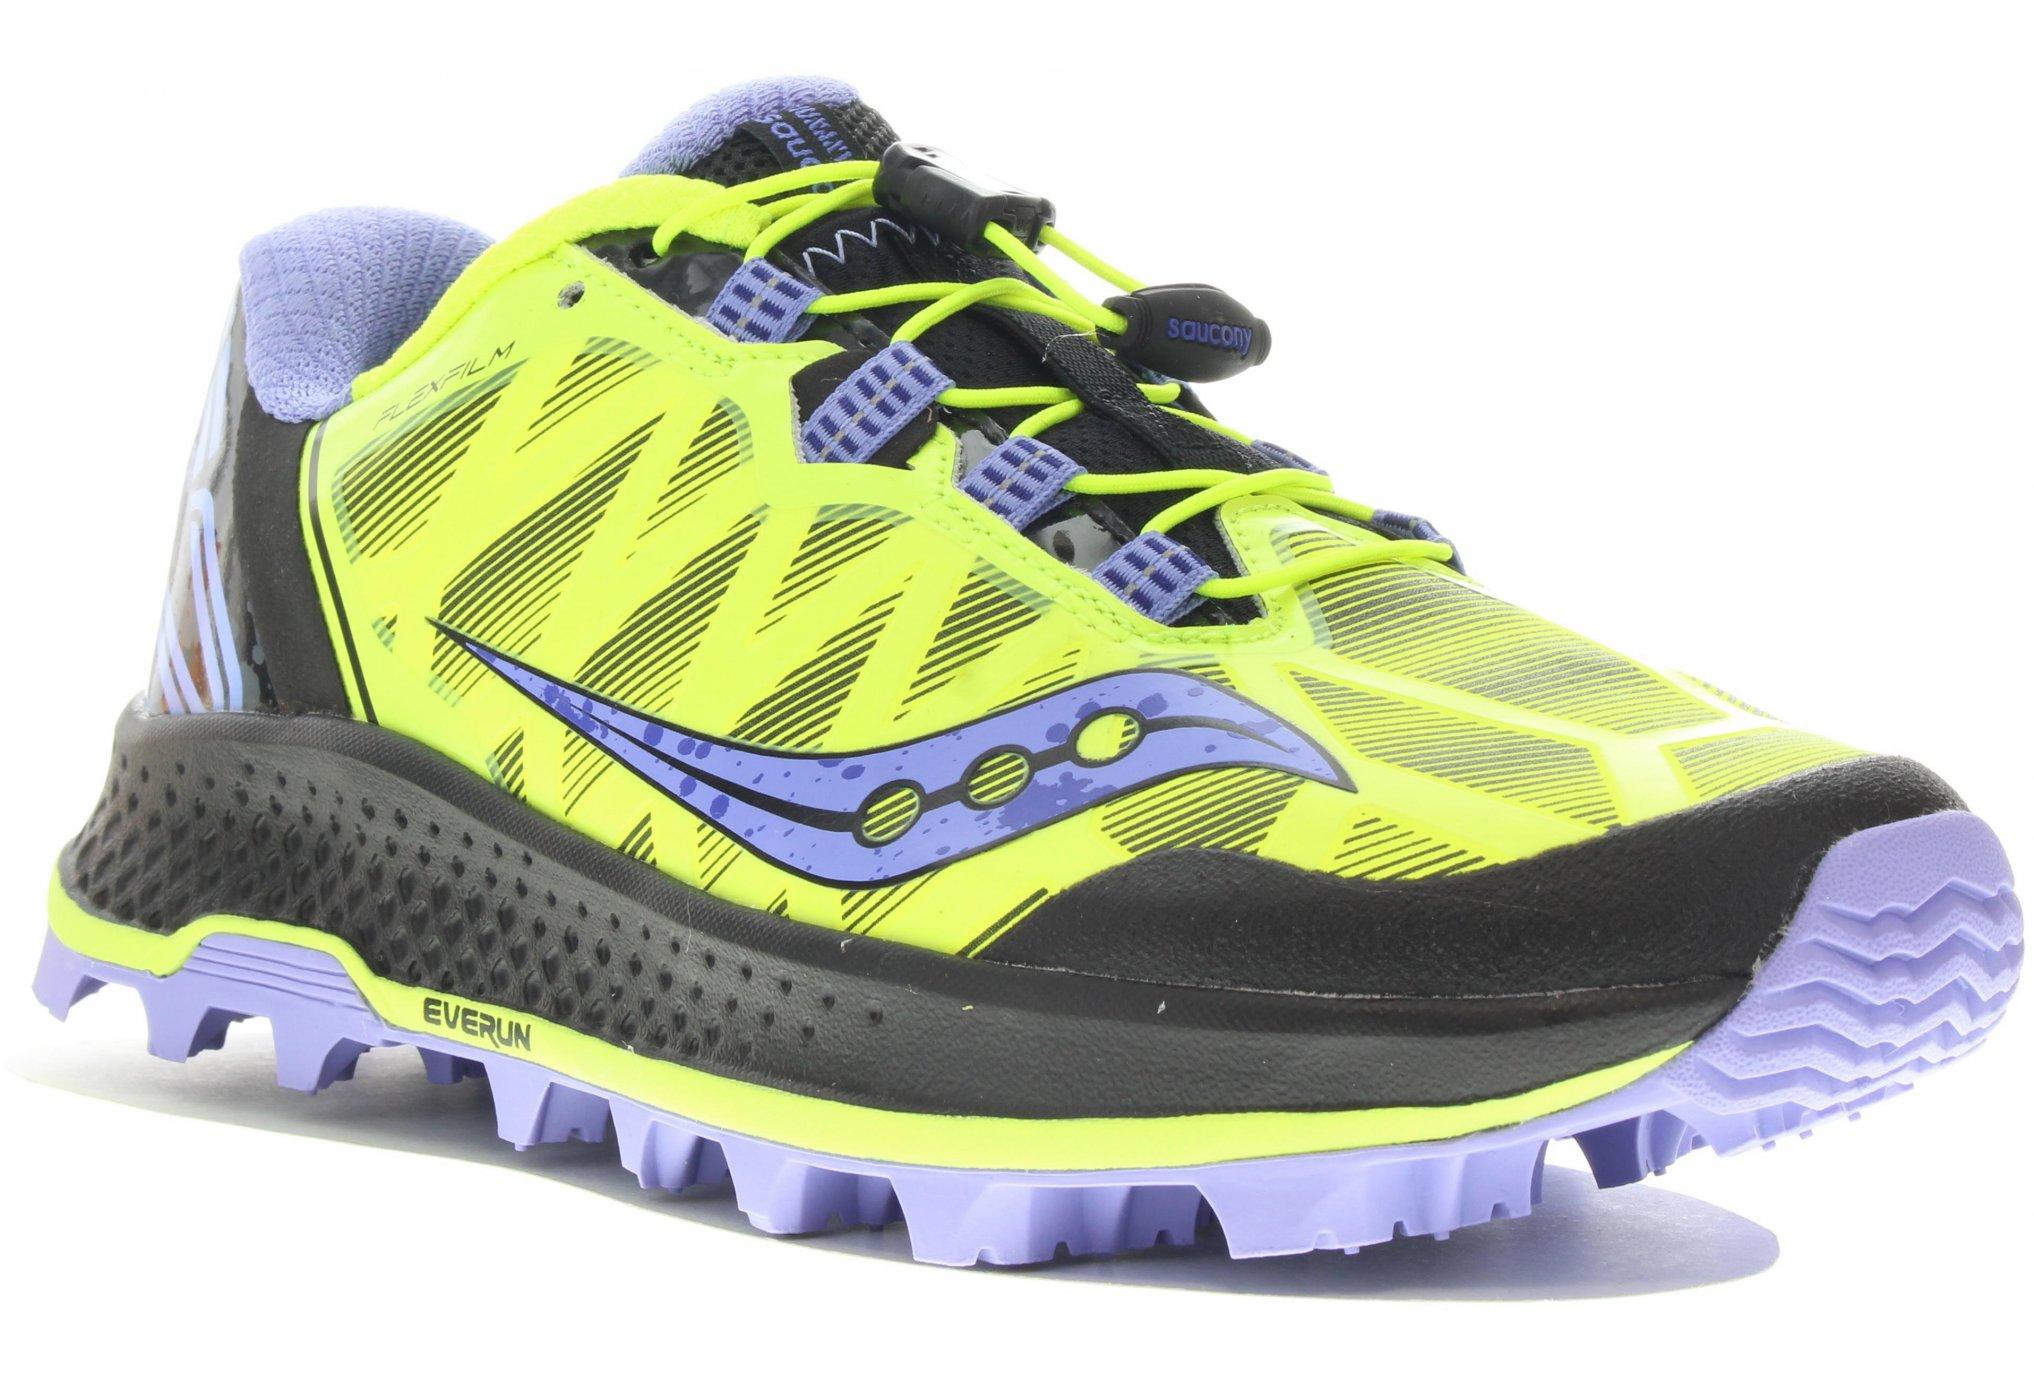 Saucony Koa ST W Chaussures running femme